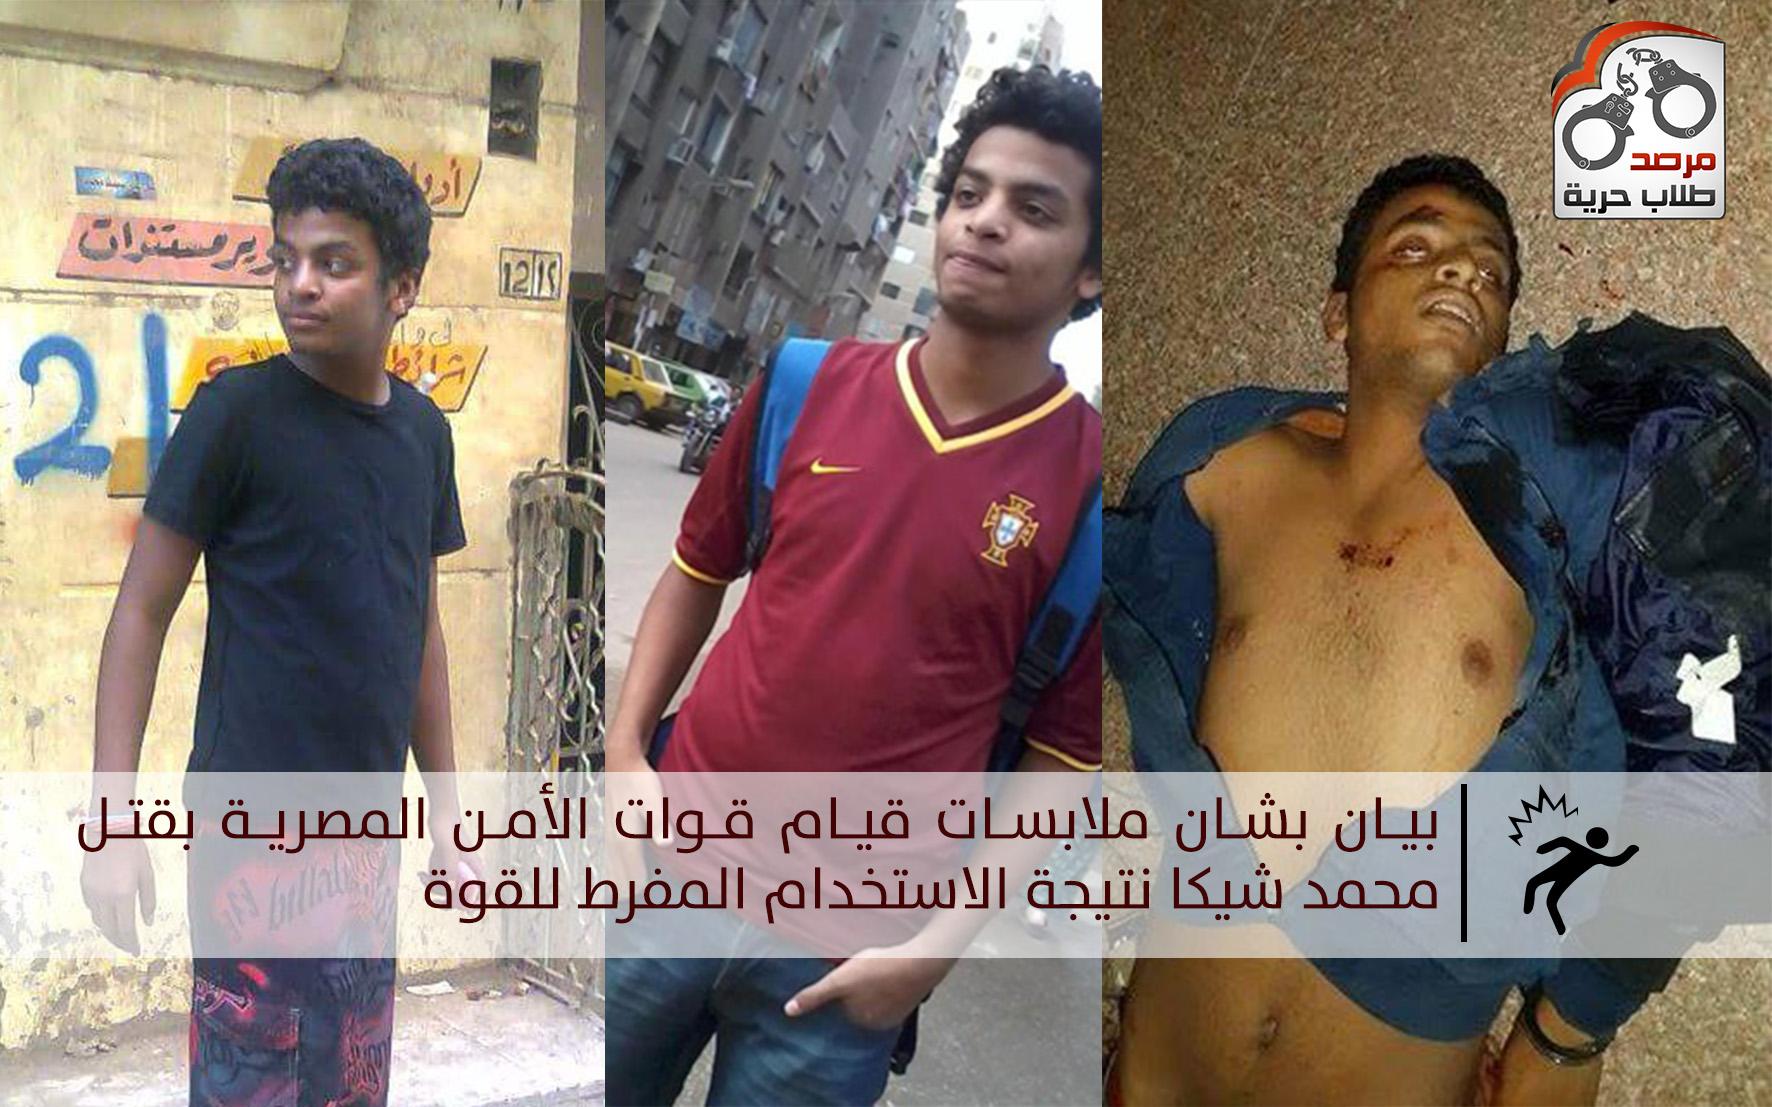 بيان بشان ملابسات قيام قوات الأمن المصرية بقتل محمد شيكا نتيجة الاستخدام المفرط للقوة